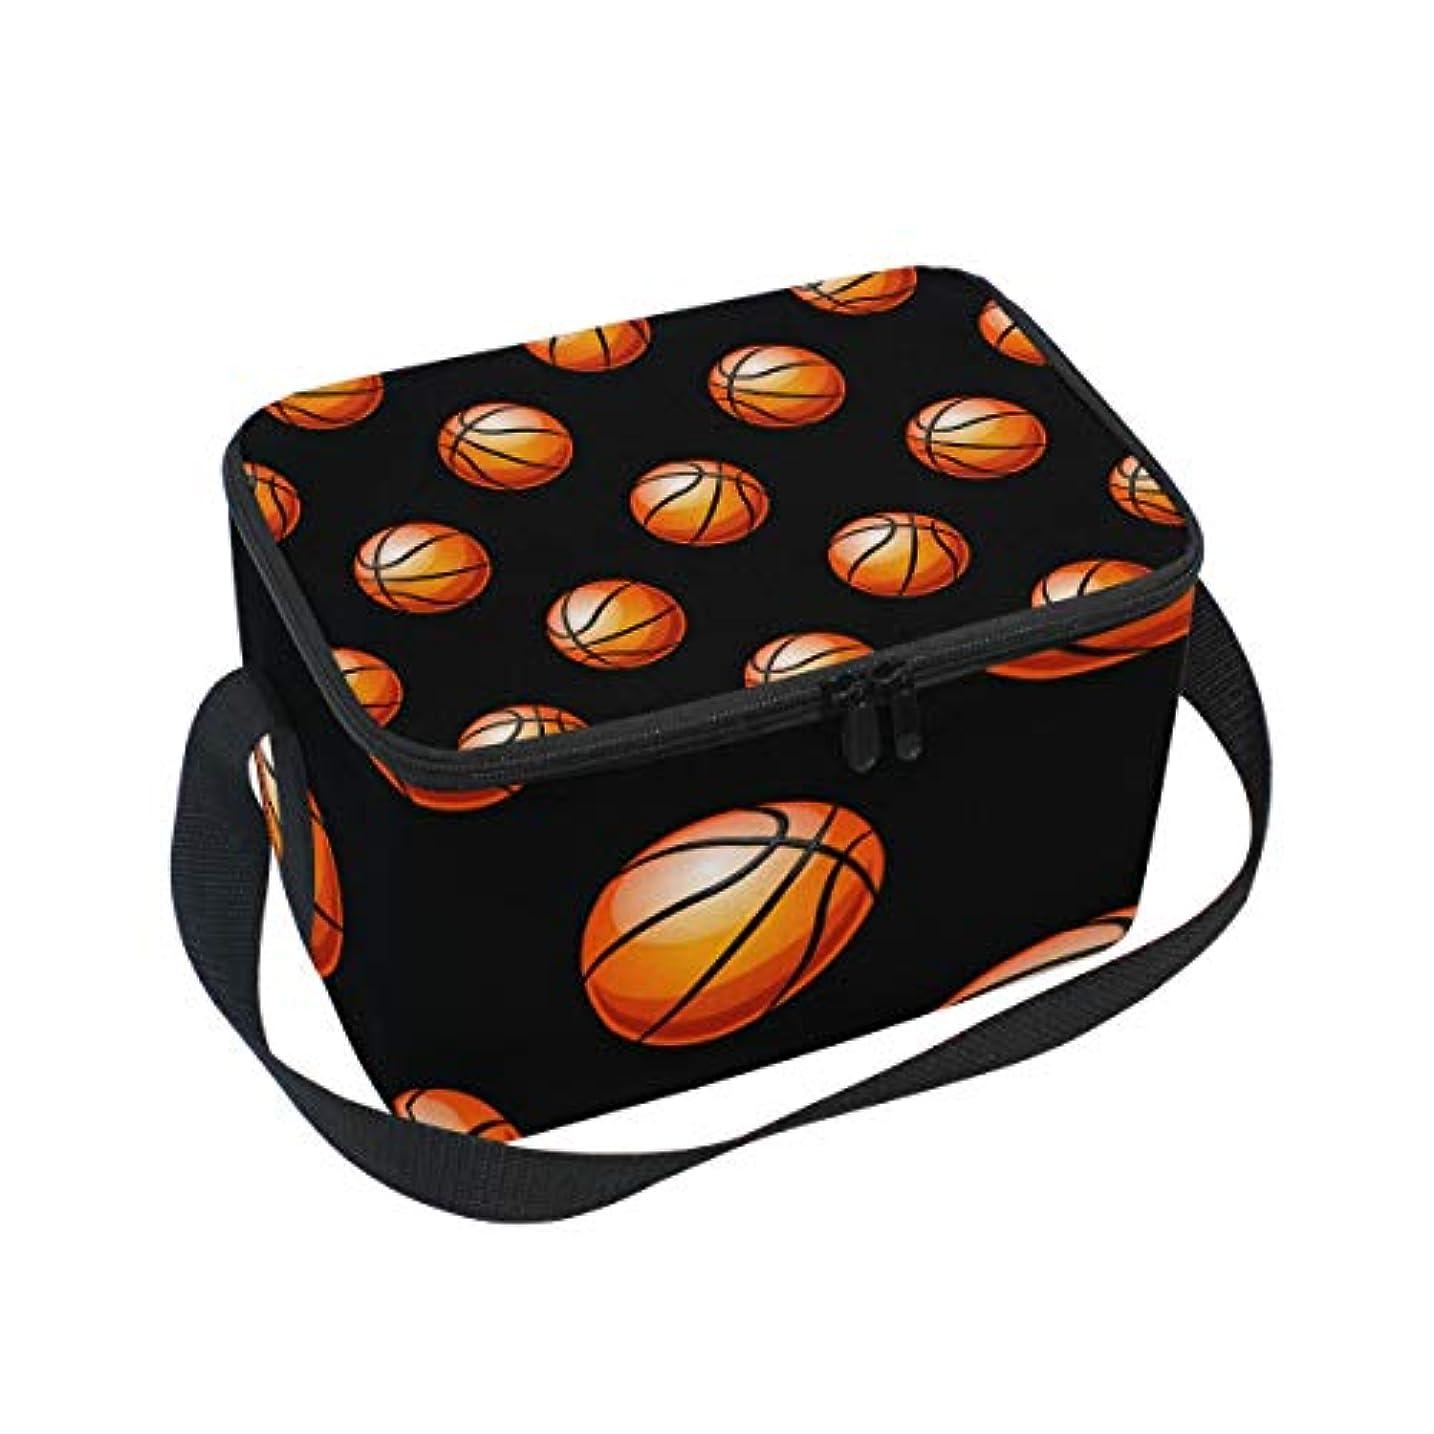 バンガローつづり最大化するクーラーバッグ クーラーボックス ソフトクーラ 冷蔵ボックス キャンプ用品 バスケットボール柄 黒背景 保冷保温 大容量 肩掛け お花見 アウトドア